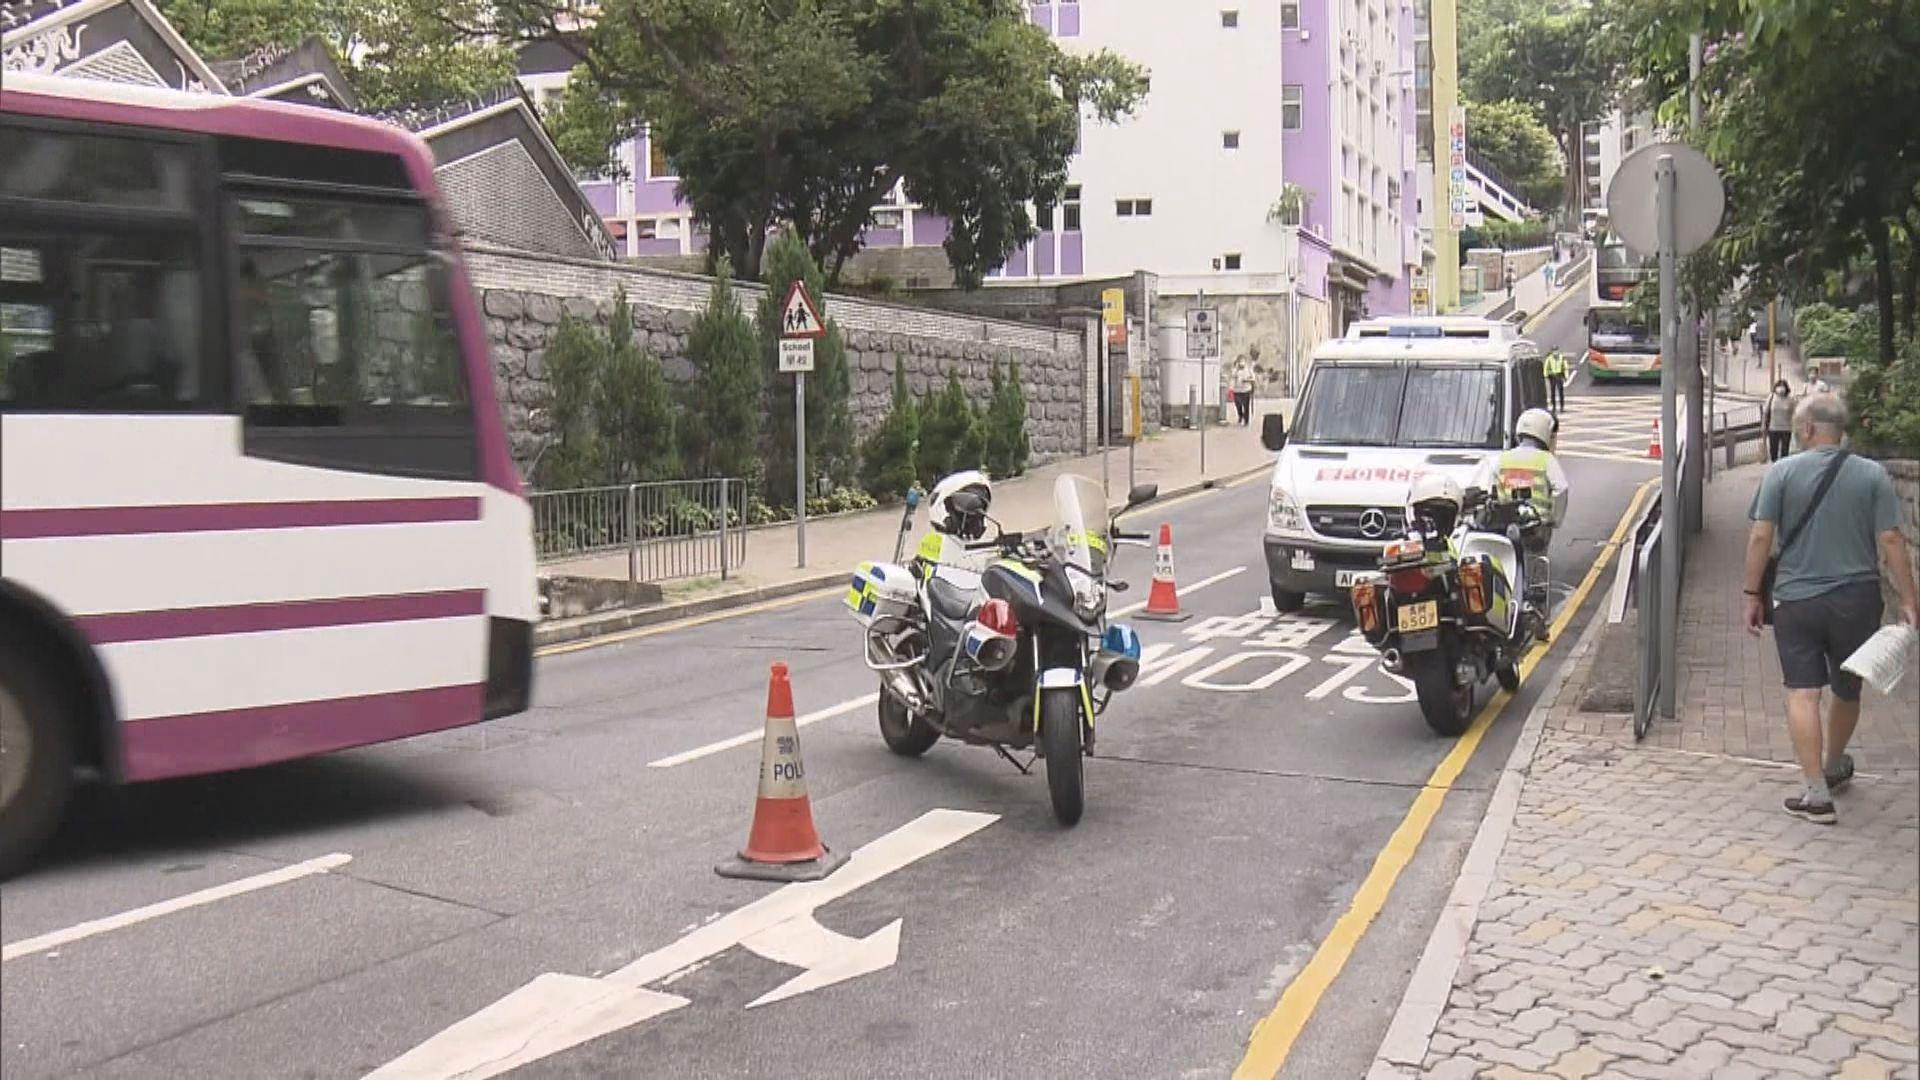 香港仔老婦被車輛輾斃 警追查不顧而去涉案車輛